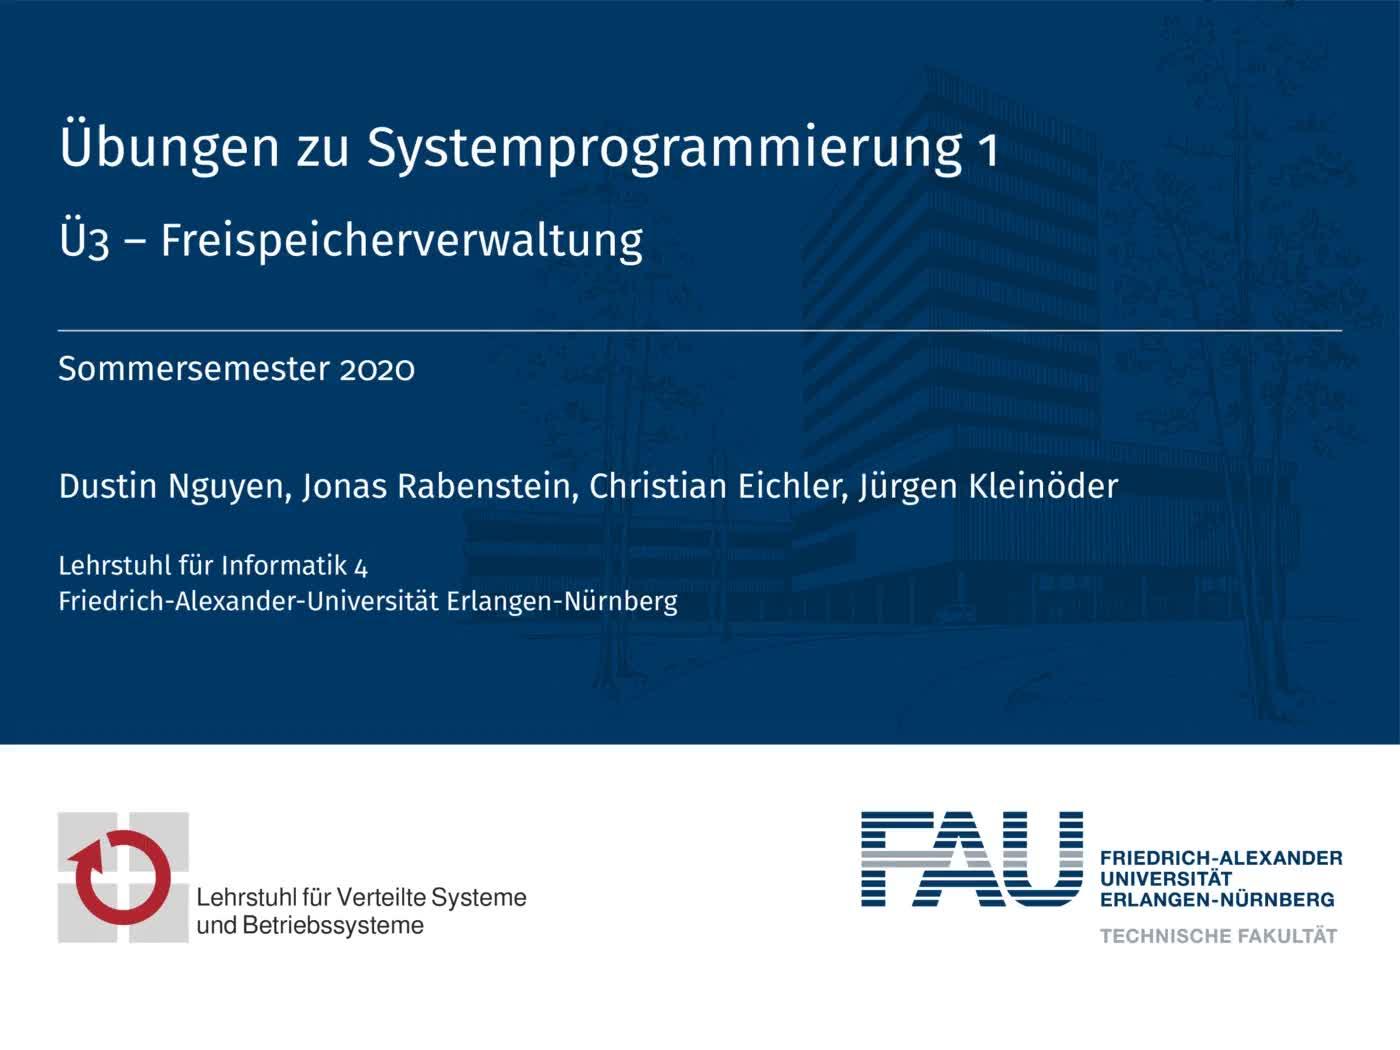 3.1 Freispeicherverwaltung: Verwaltung preview image